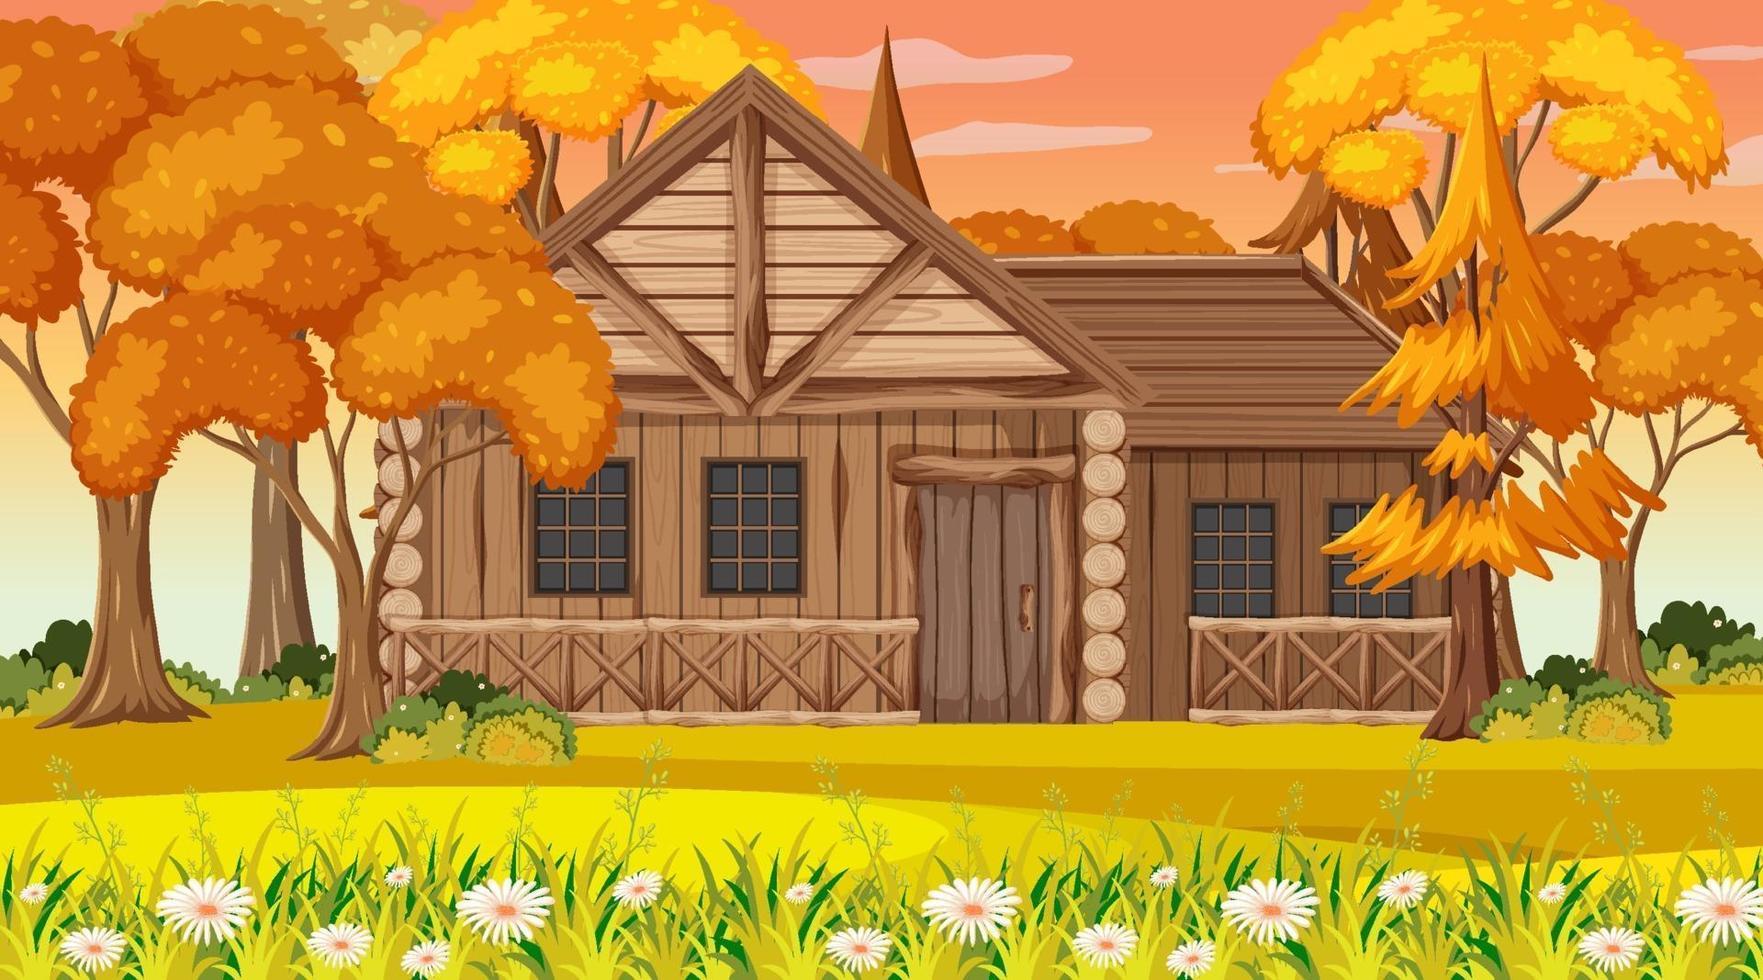 Scène de la nature du parc vide au coucher du soleil avec une maison en bois vecteur